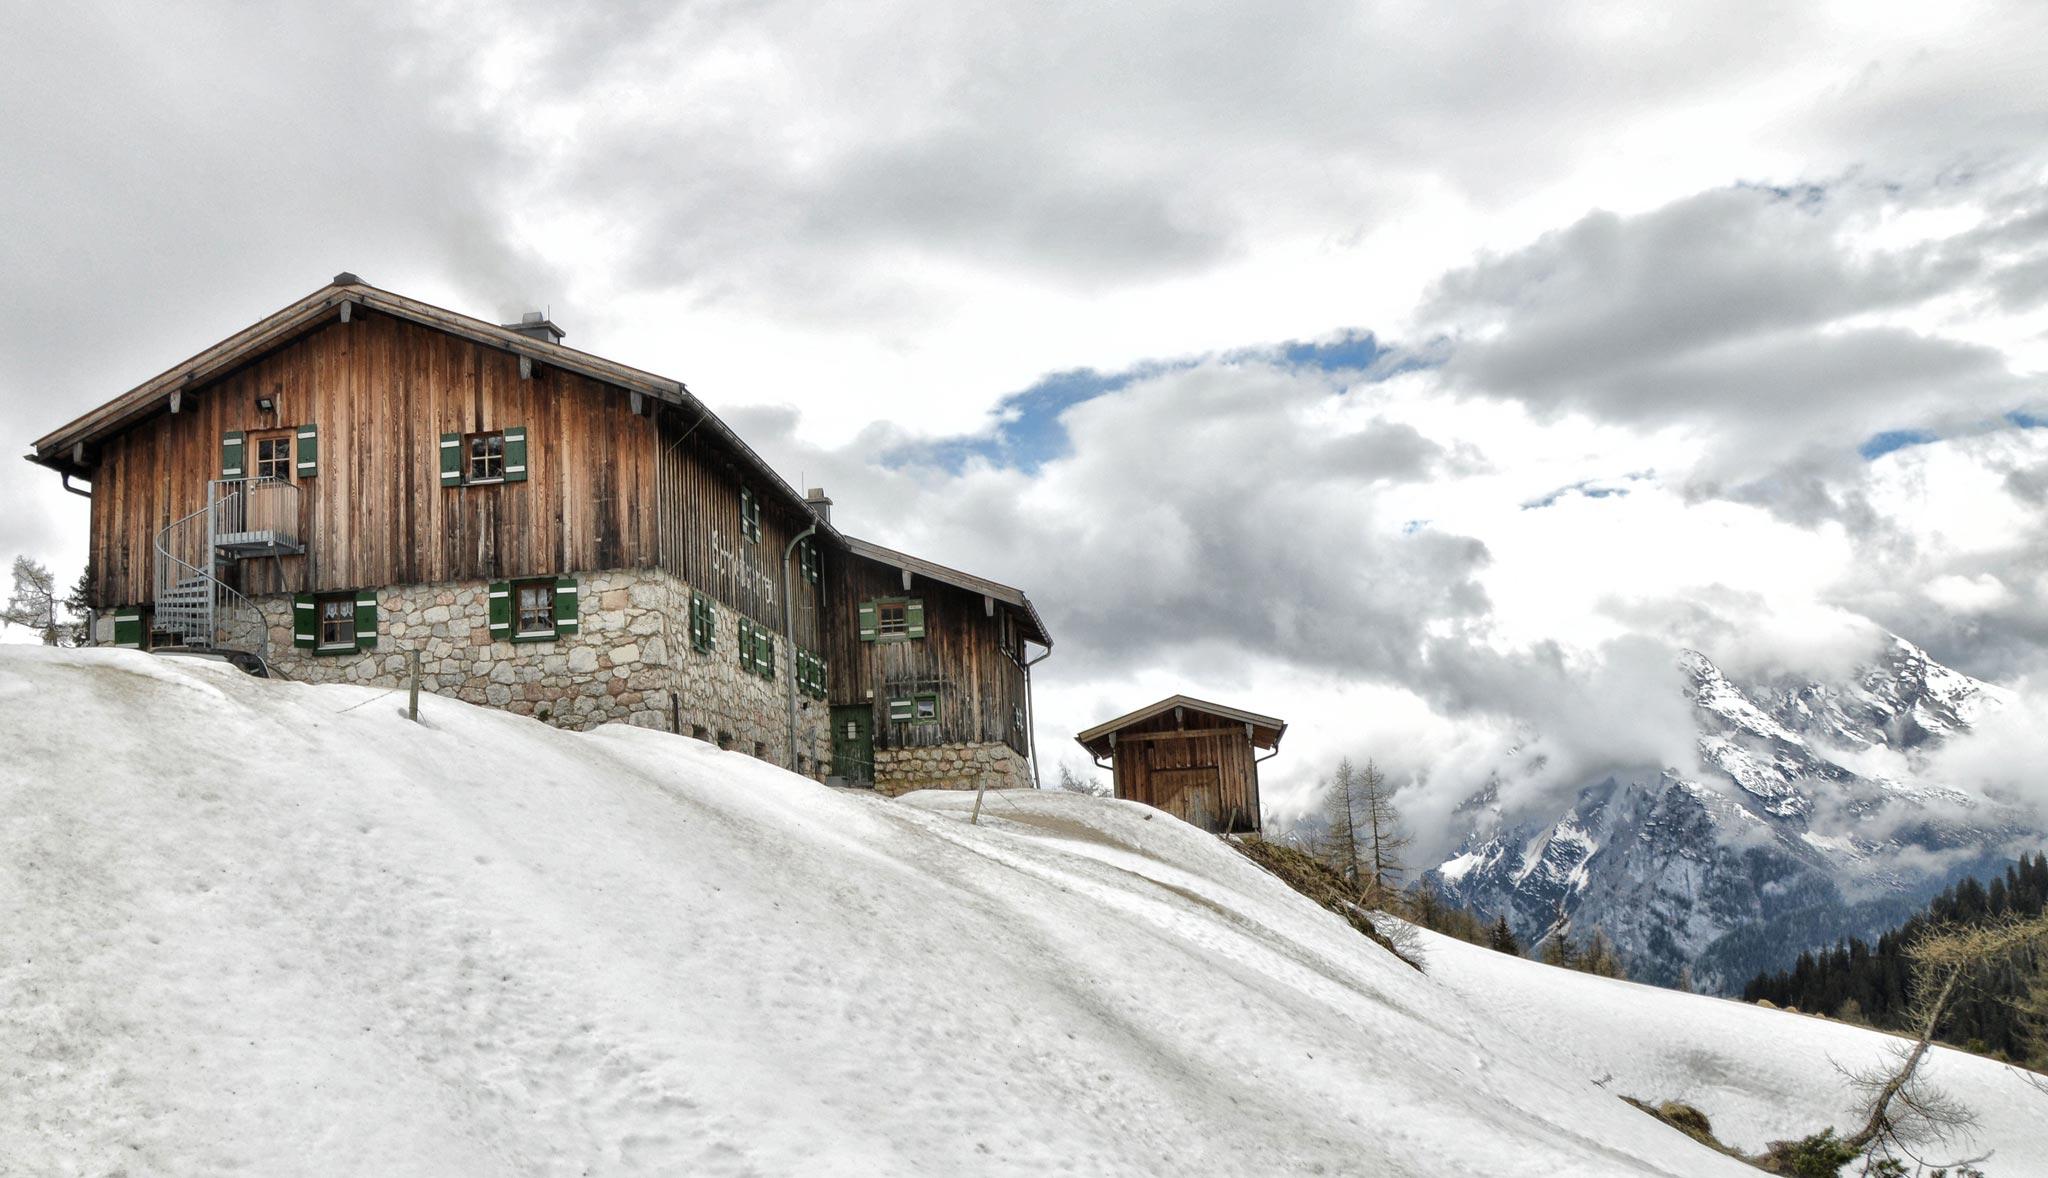 Fruhling Archive Berchtesgadener Land Blog